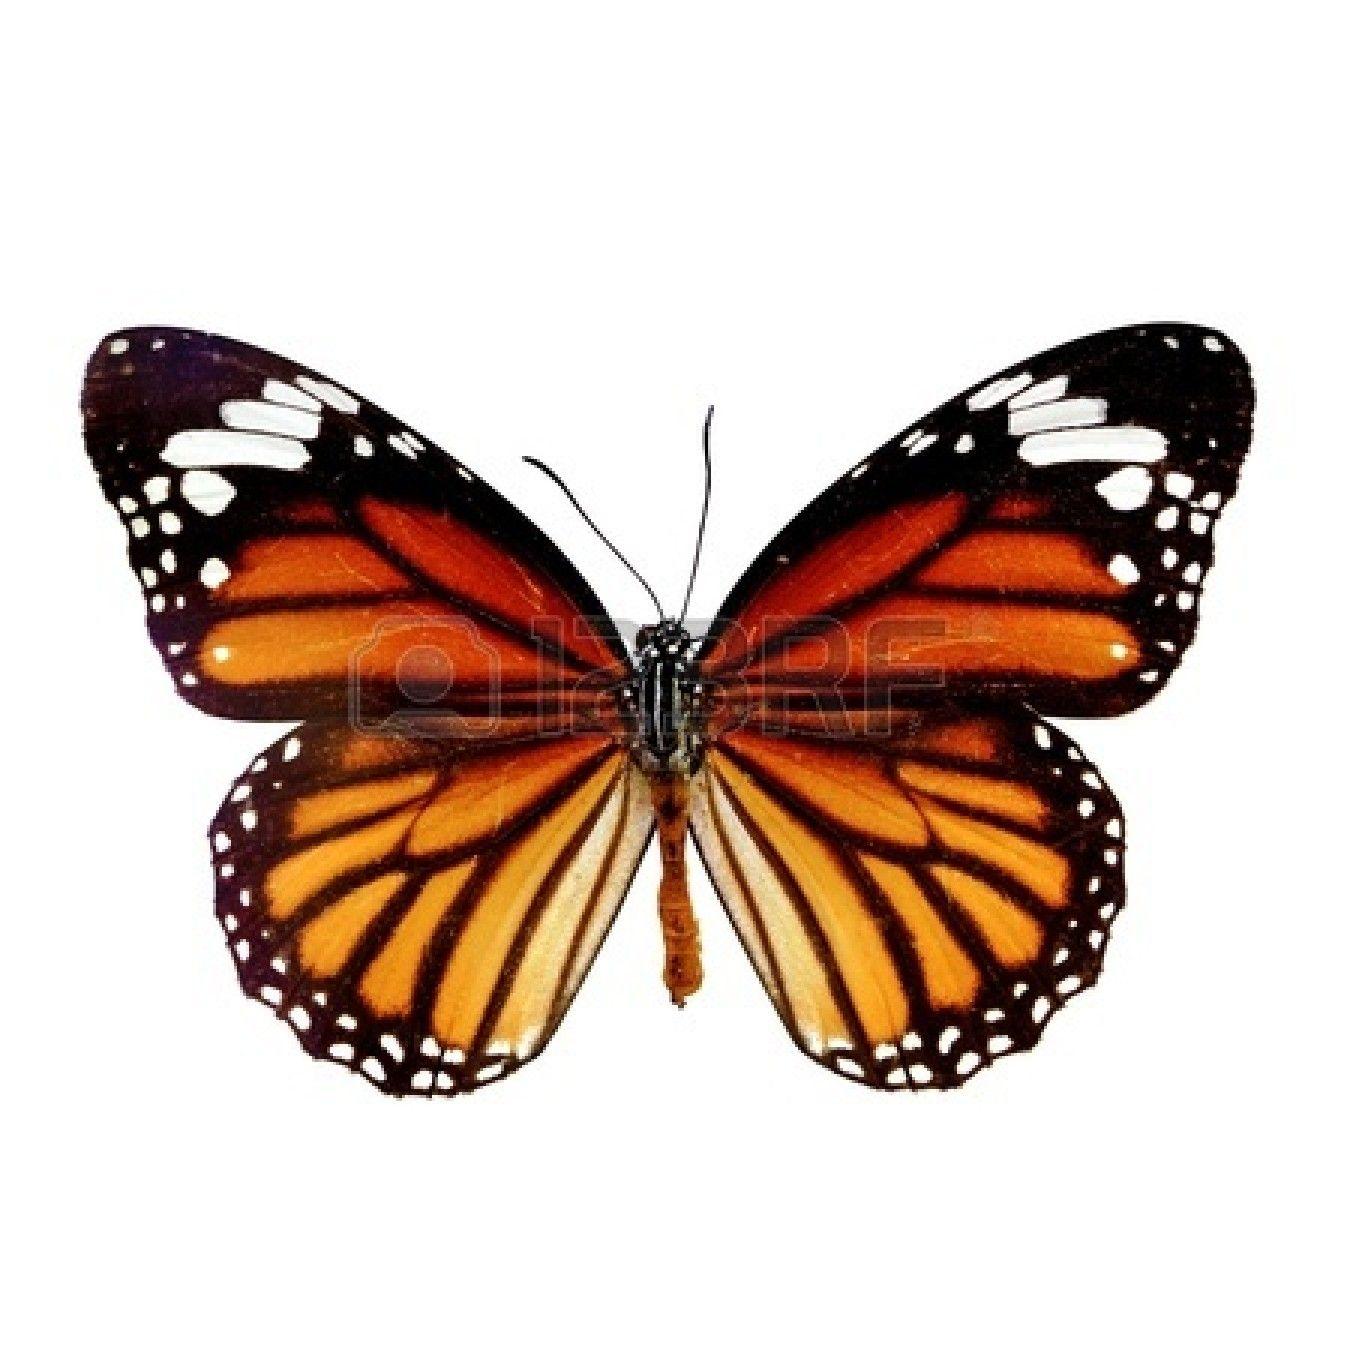 Papillon papillon isol sur fond blanc banque d - 123rf image gratuite ...